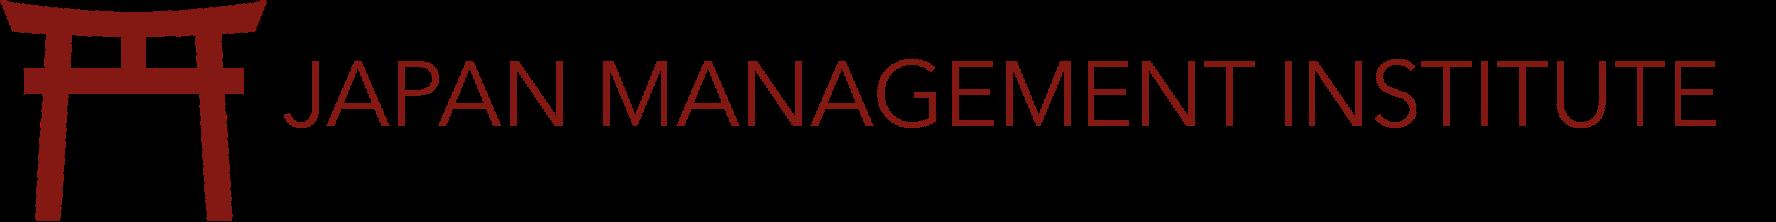 Japan Management Institute Logo